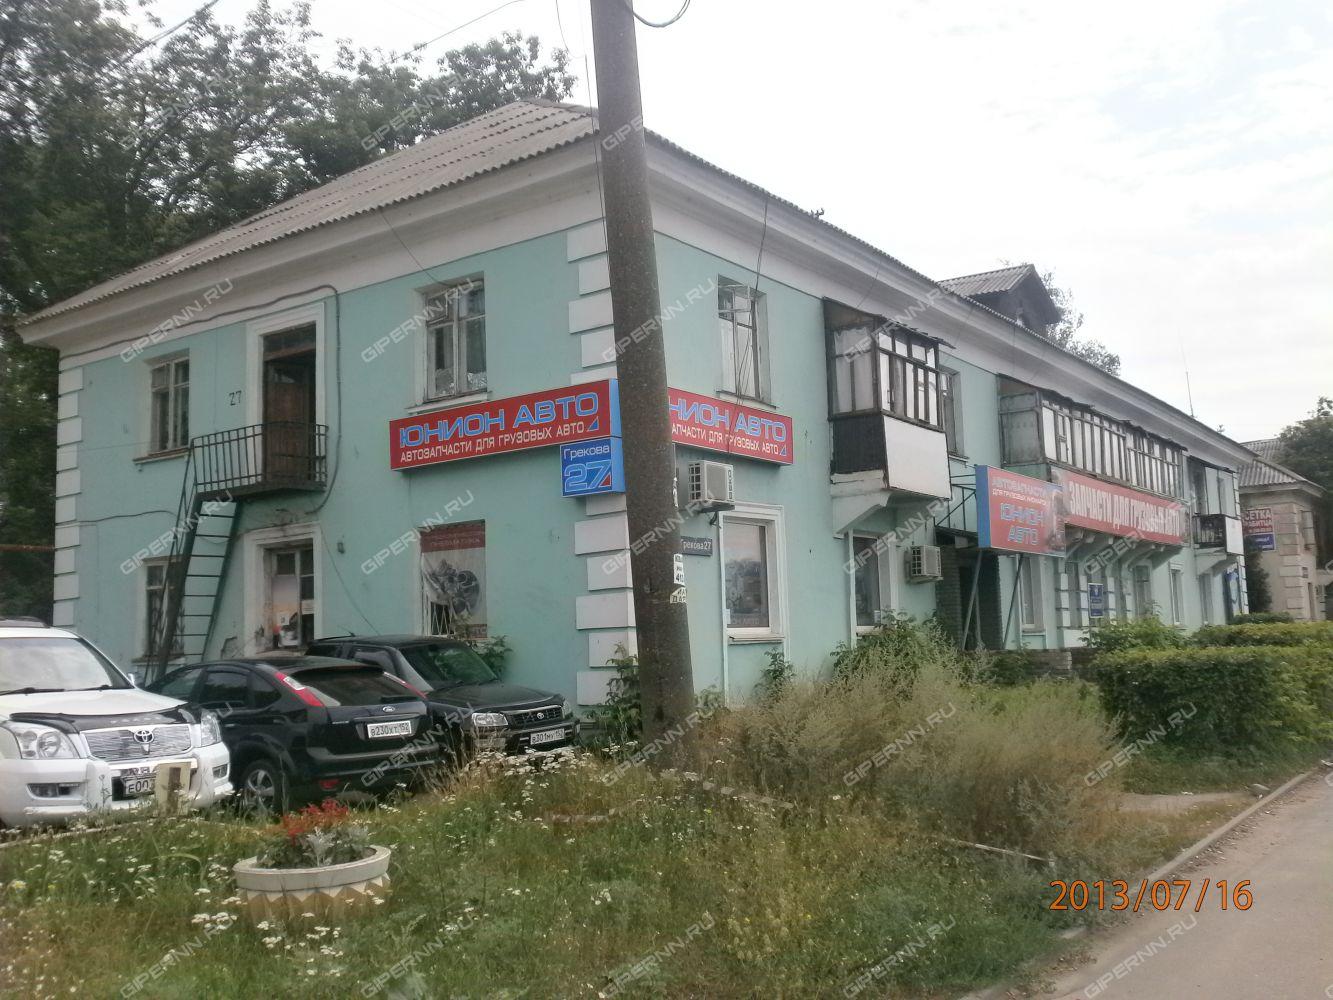 Портал поиска помещений для офиса Грекова улица Аренда офисов от собственника Лазенки 5-я улица